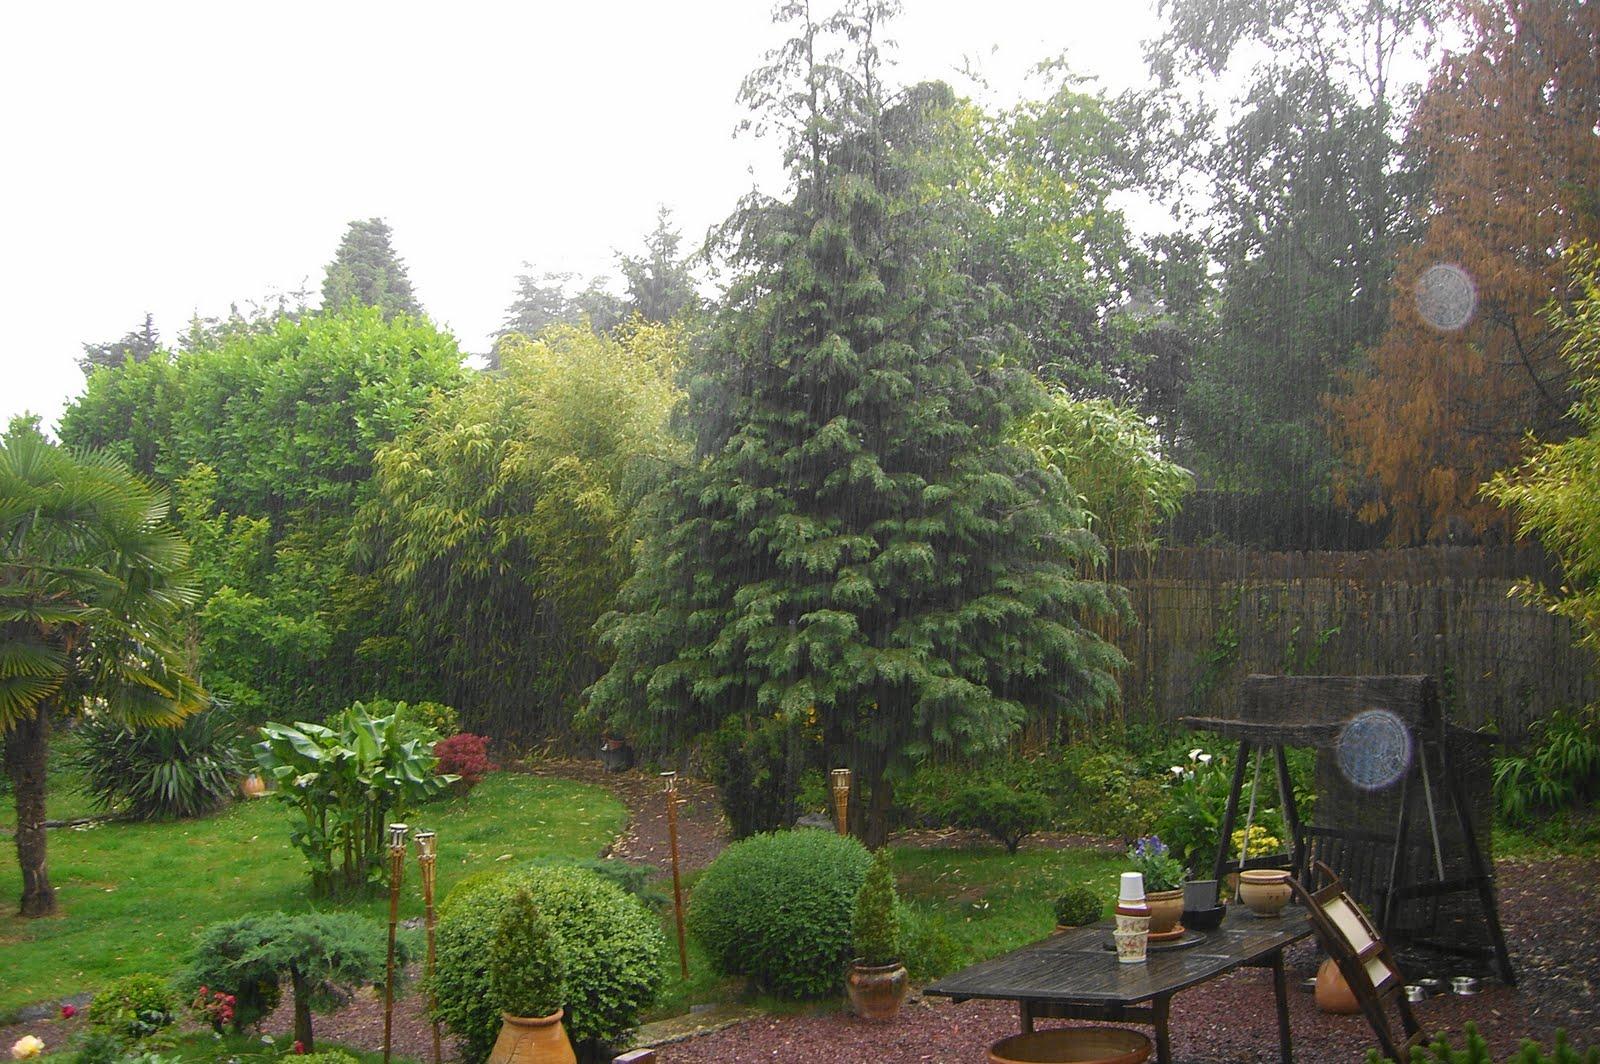 Il pleut en normandie comme vache qui pisse jadeique - Il pleut dans ma maison ...